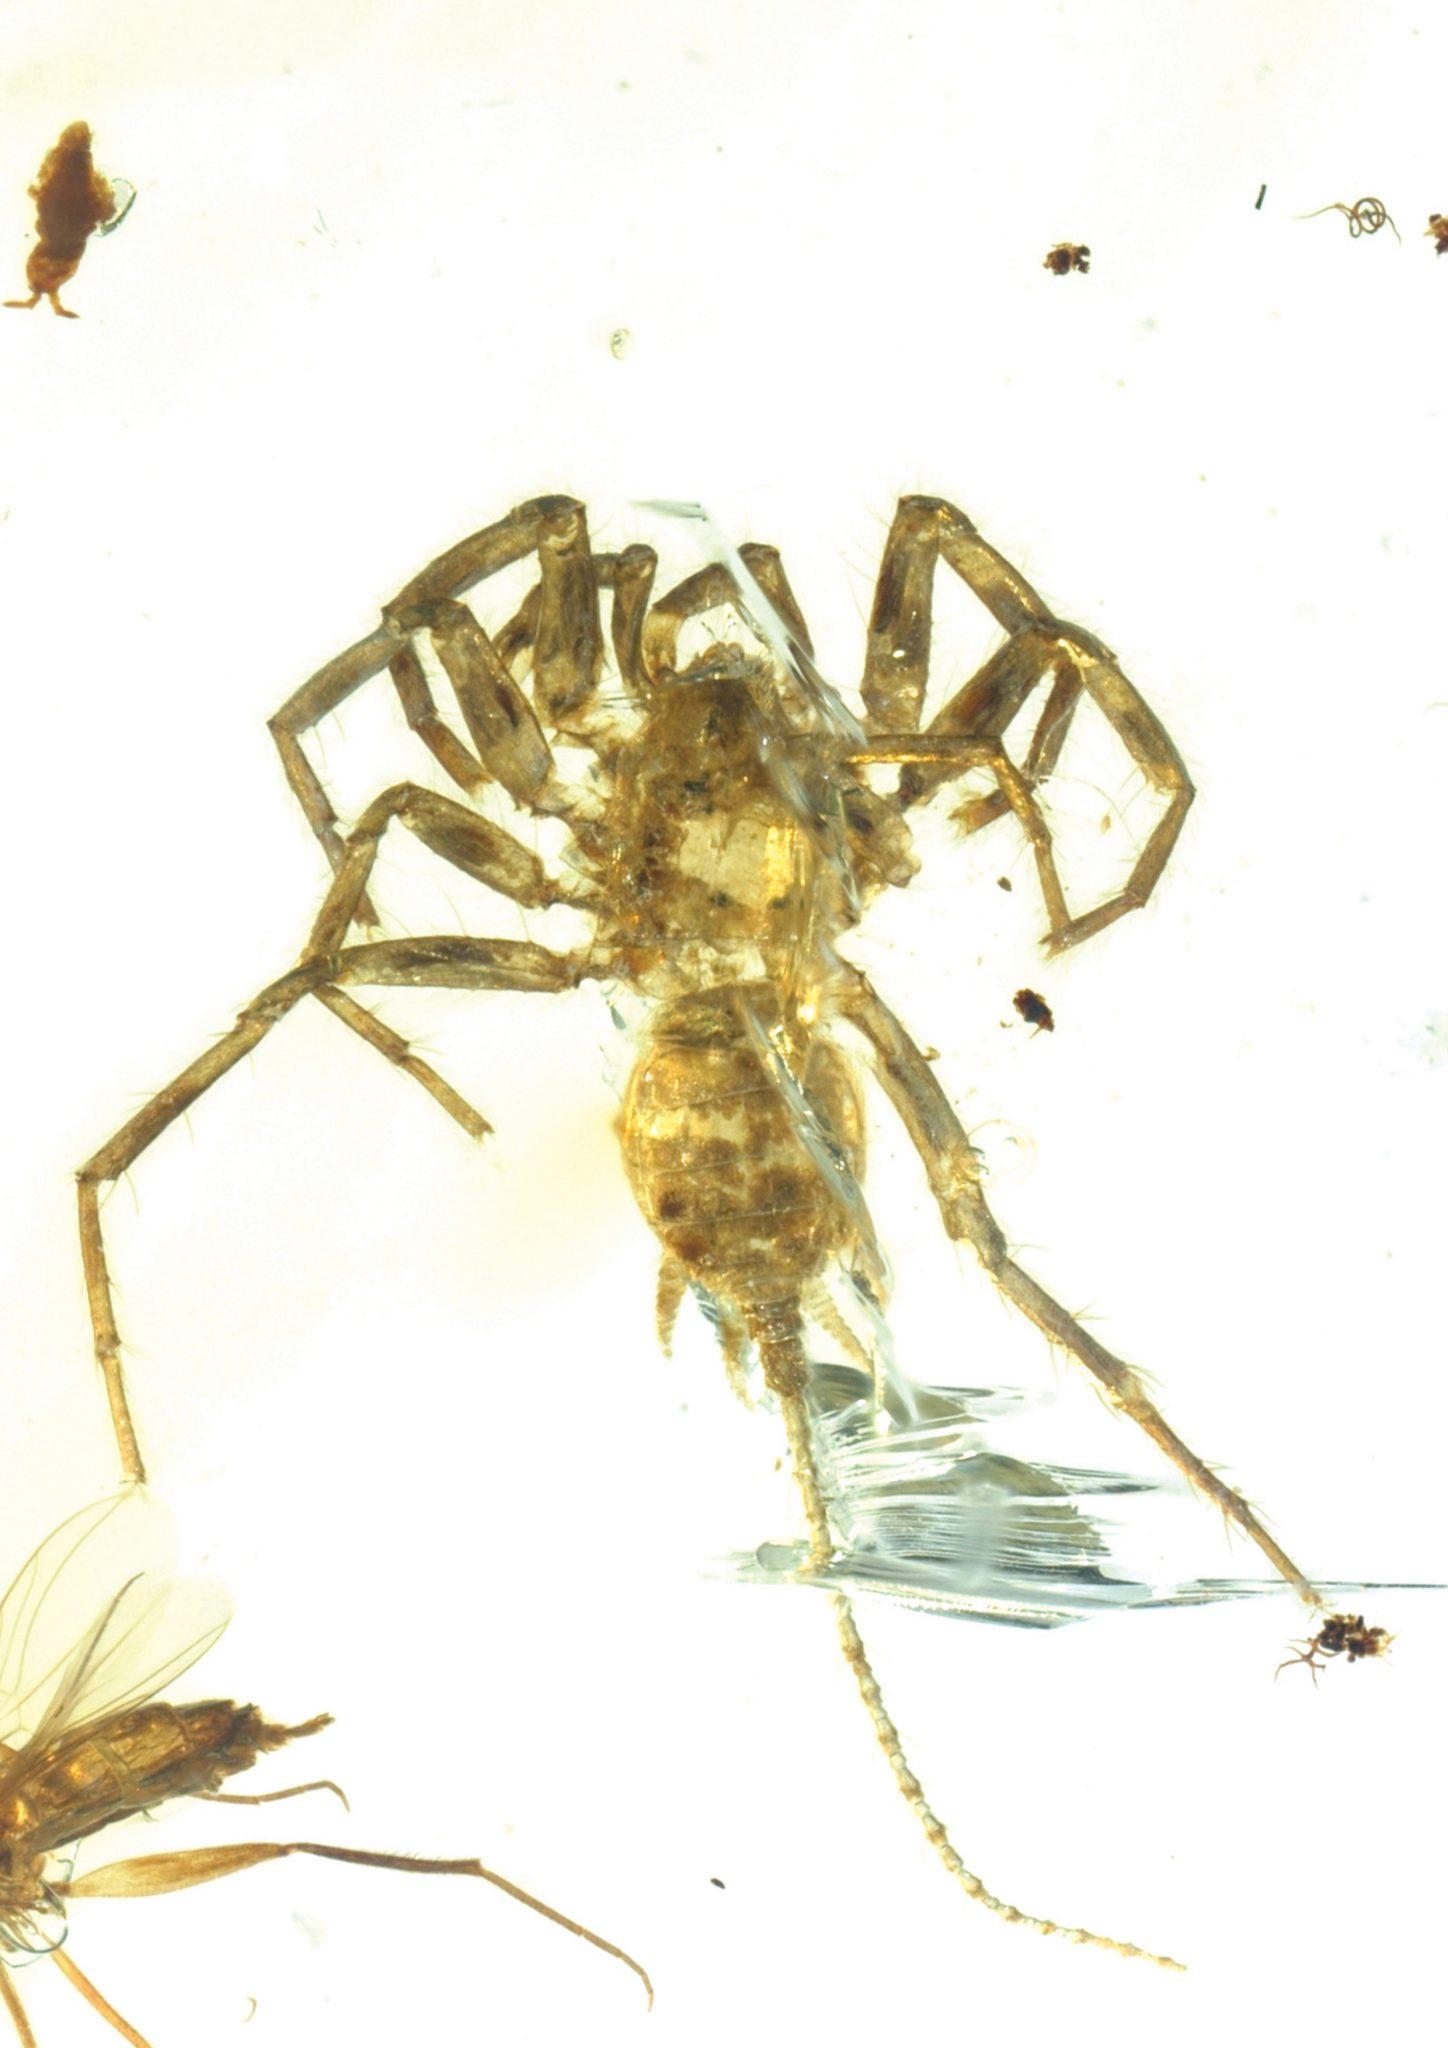 حشرات دیگری هم همراه با C. Yingi یافت می شوند، از جمله گونه ای هزارپا و سوسک.